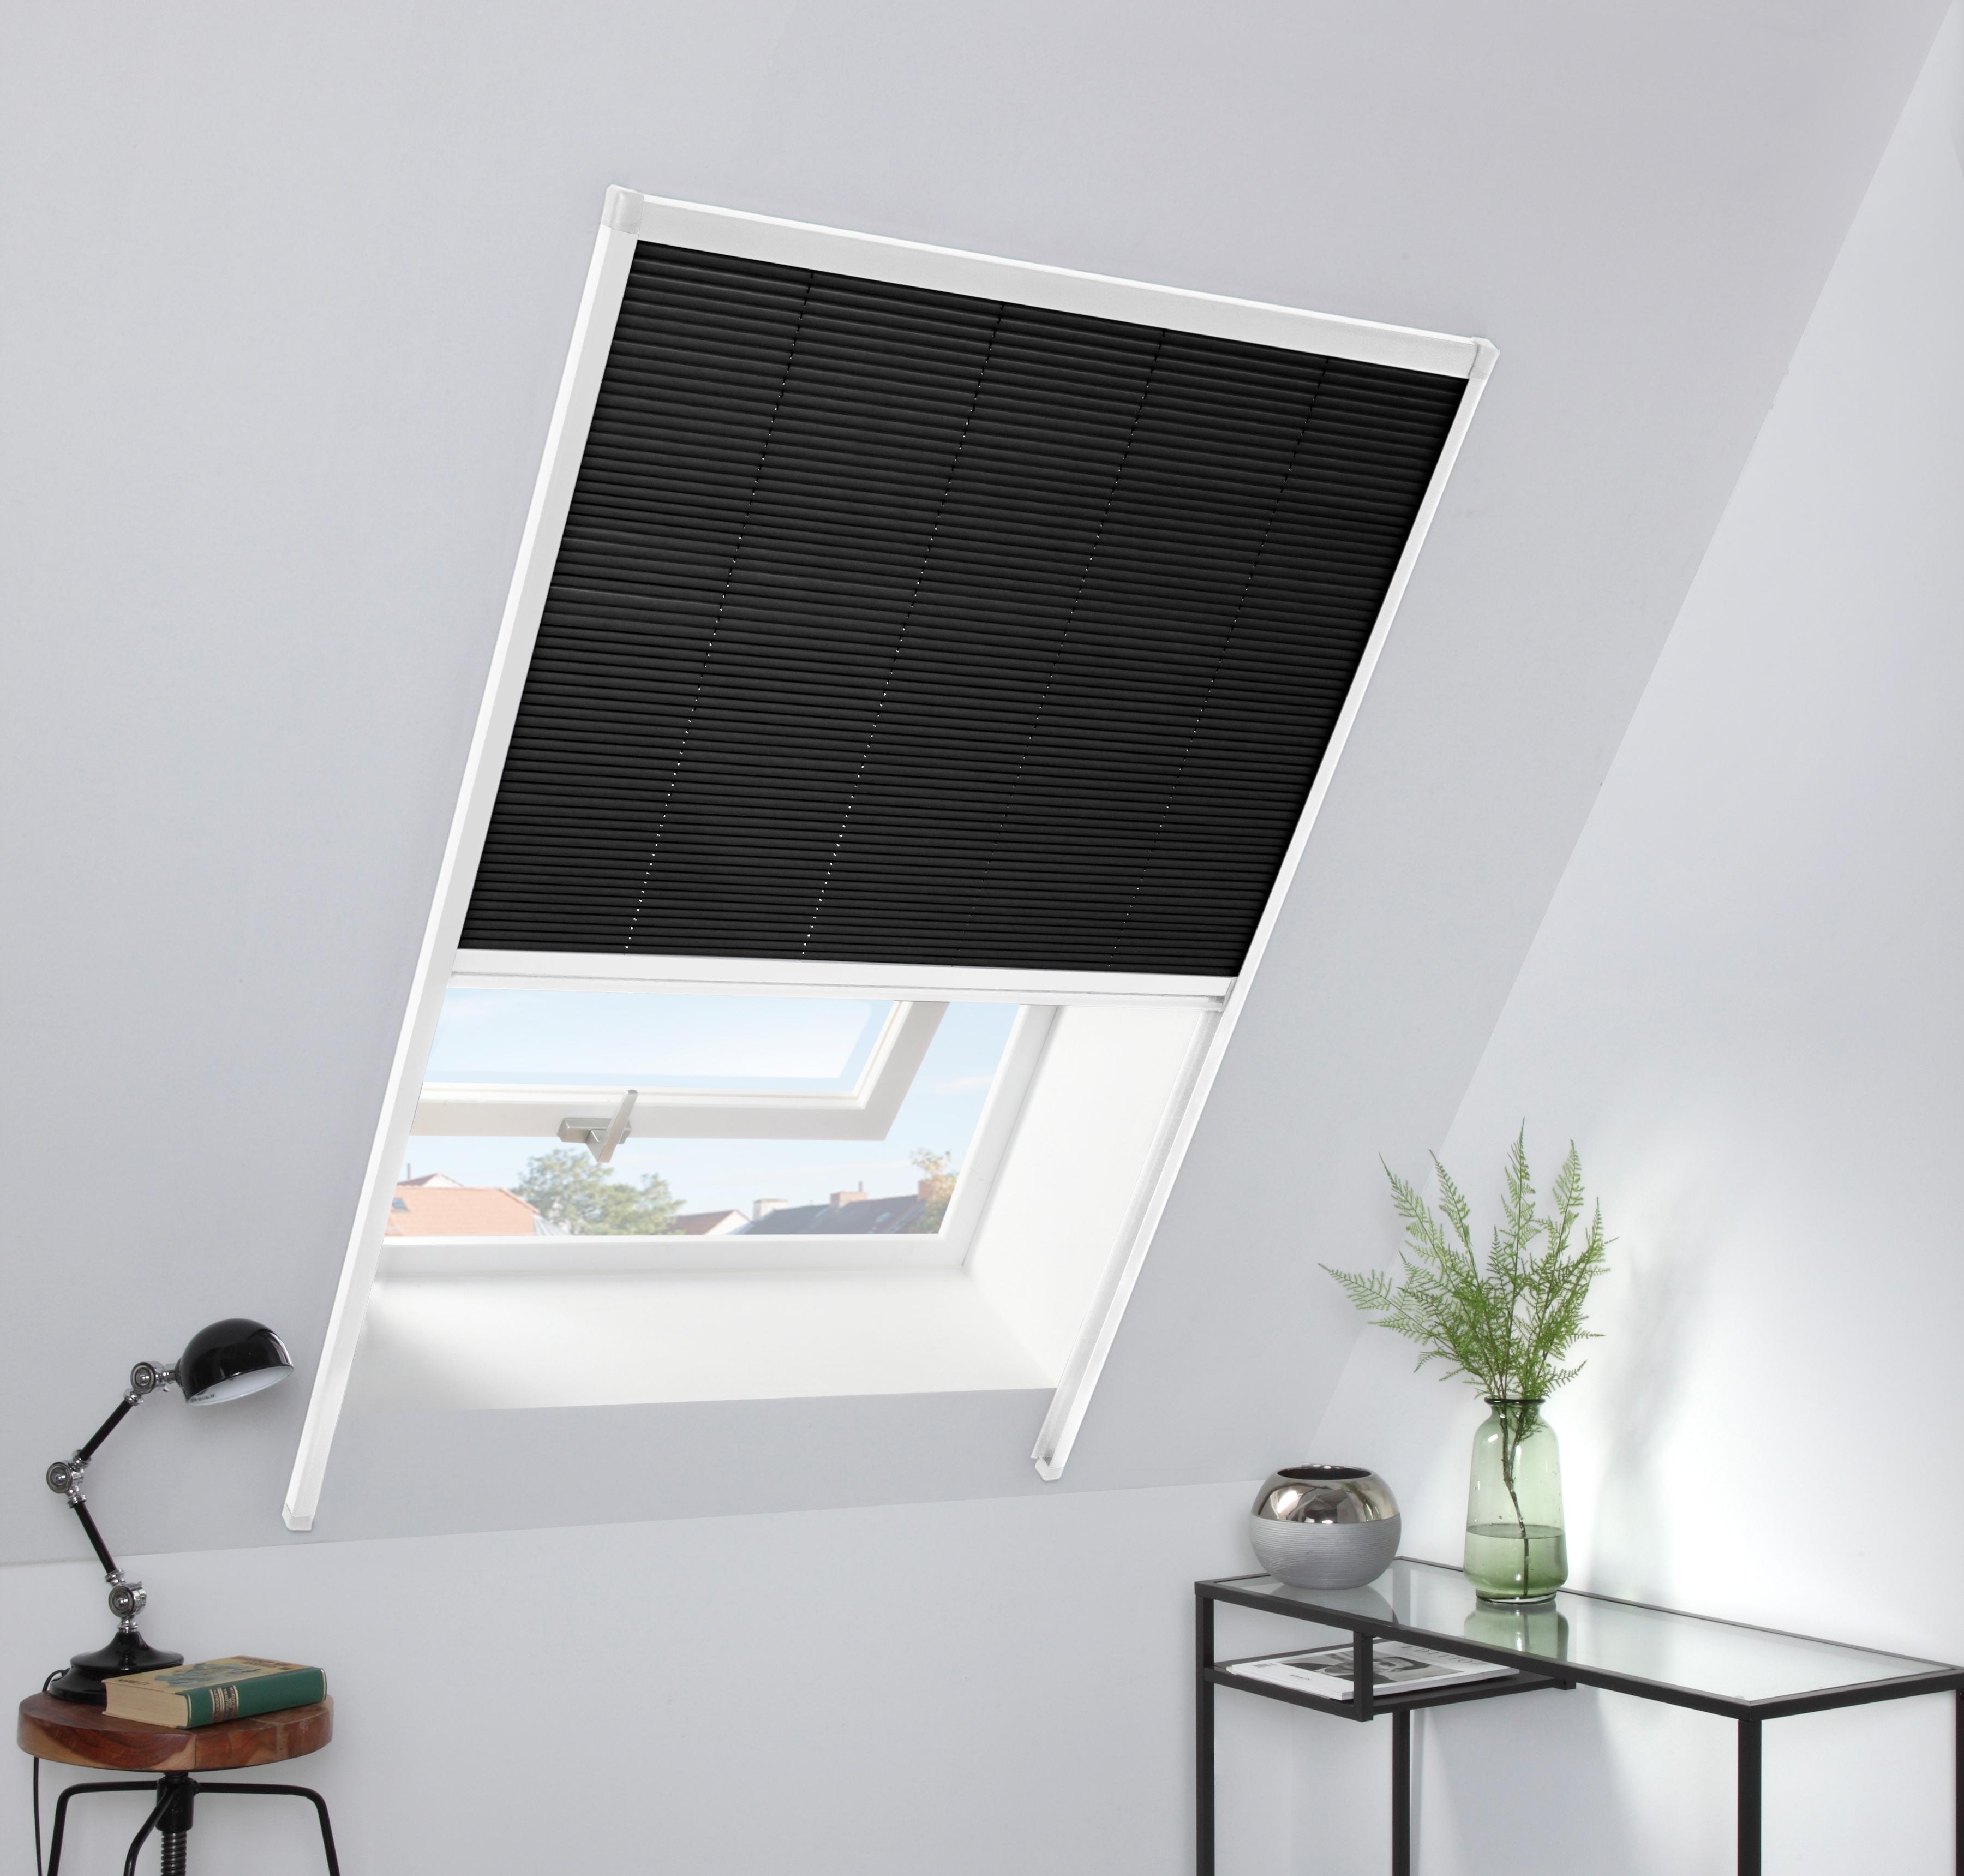 Image of HECHT Dachfensterplissee Lichtschutz, BxH: 110x160 cm